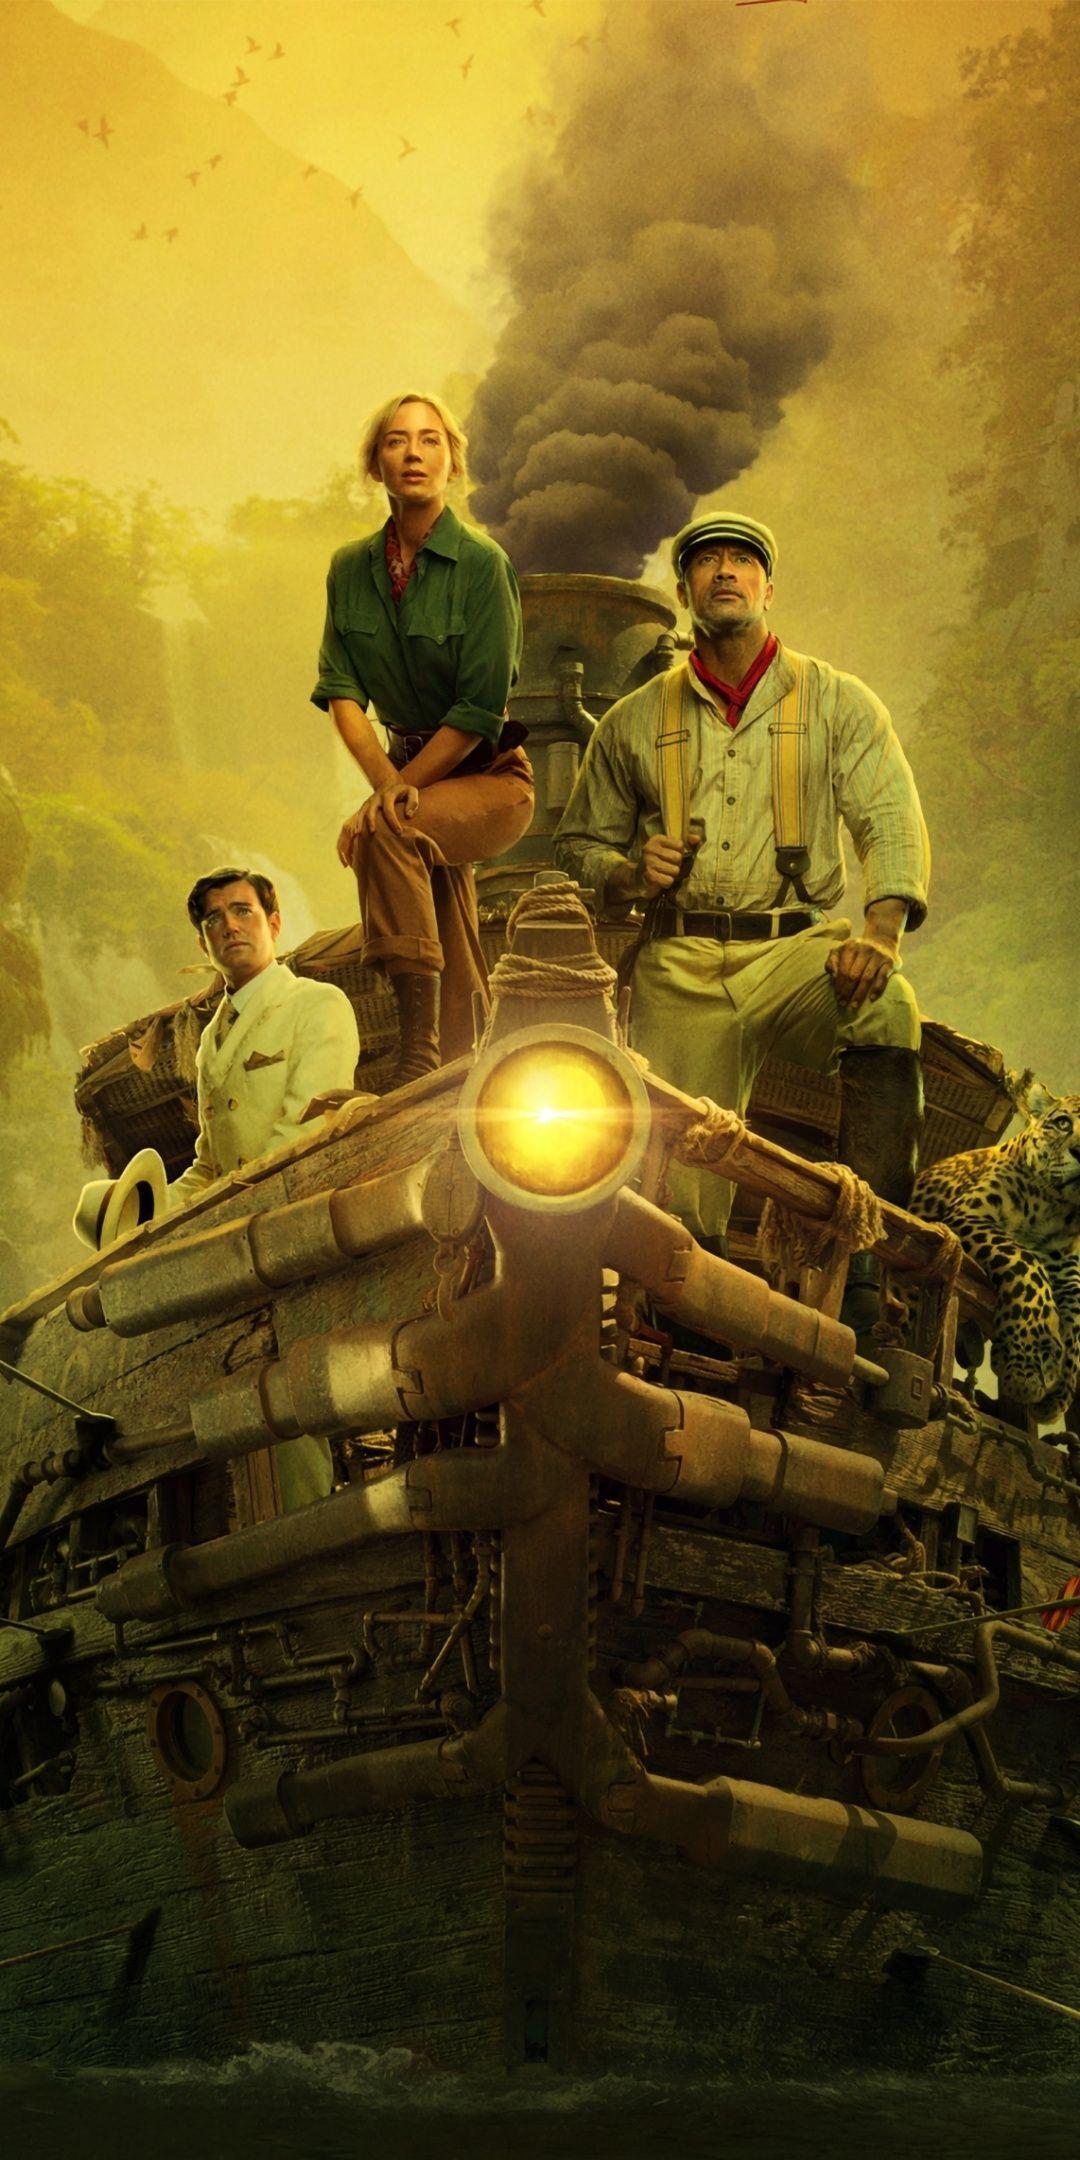 Movie, fantasy movie, Jungle Cruise, 2020, 1080x2160 wallpaper